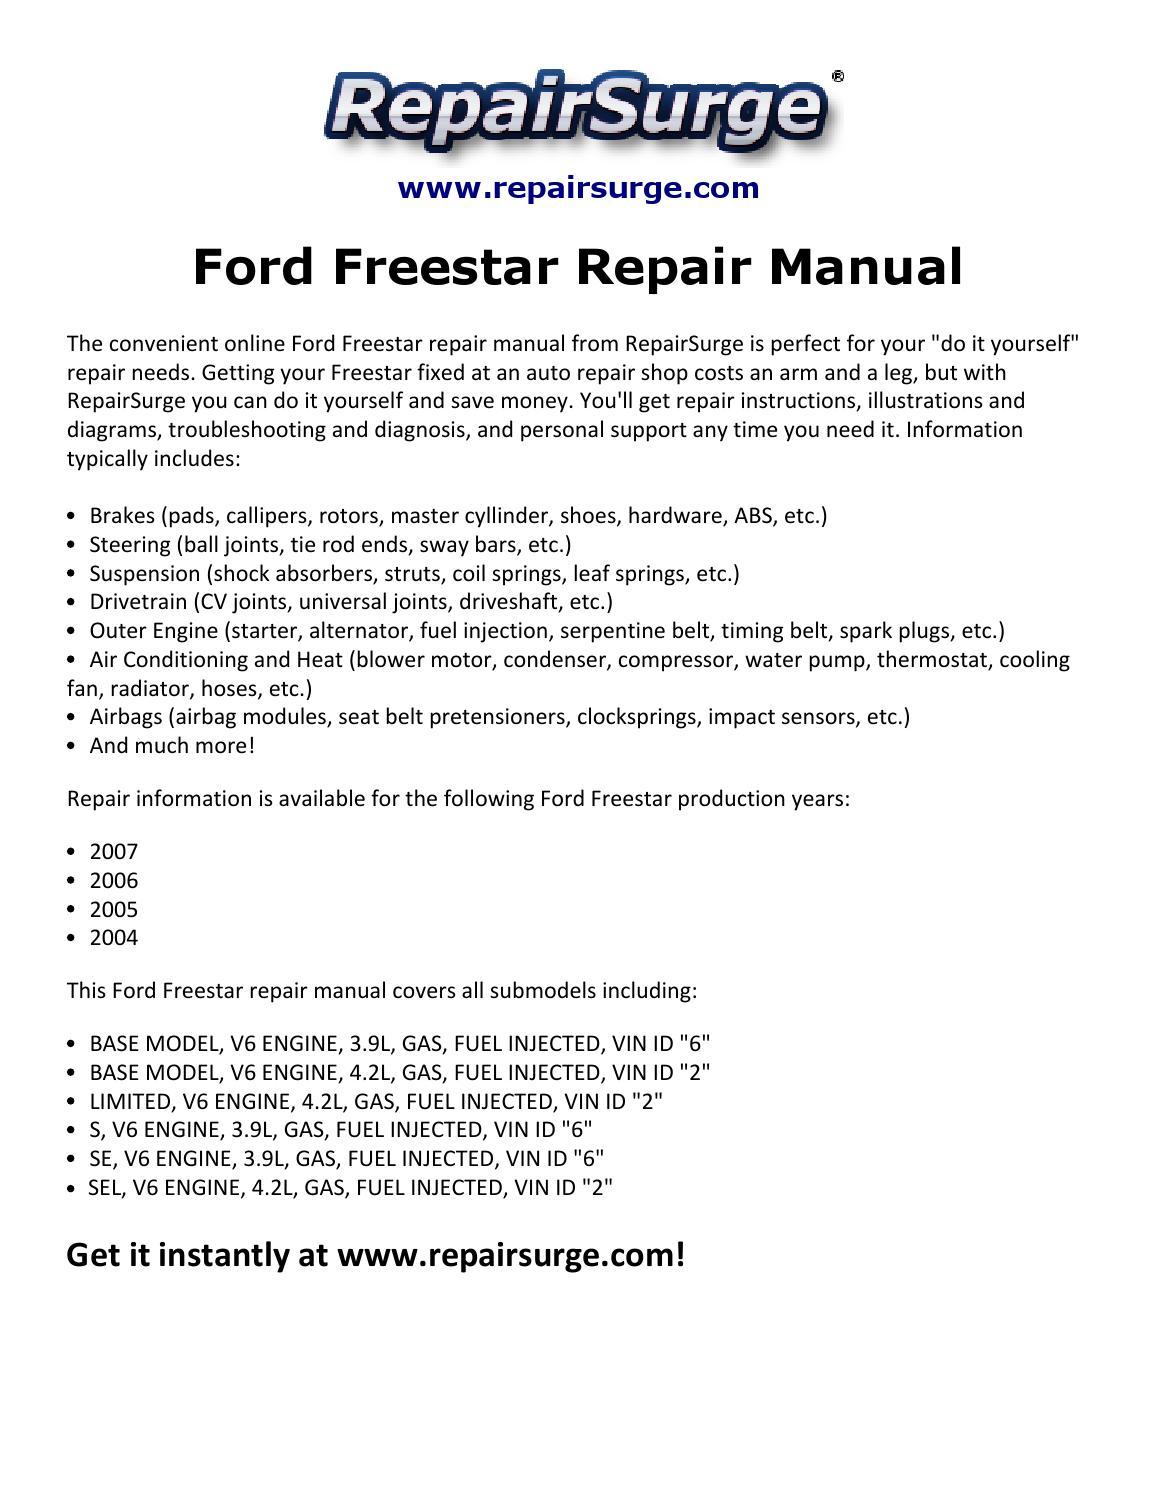 Ford Freestar Repair Manual 2004 2007 By Macy Thomas168 Issuu 4 2 V6 Engine Diagram